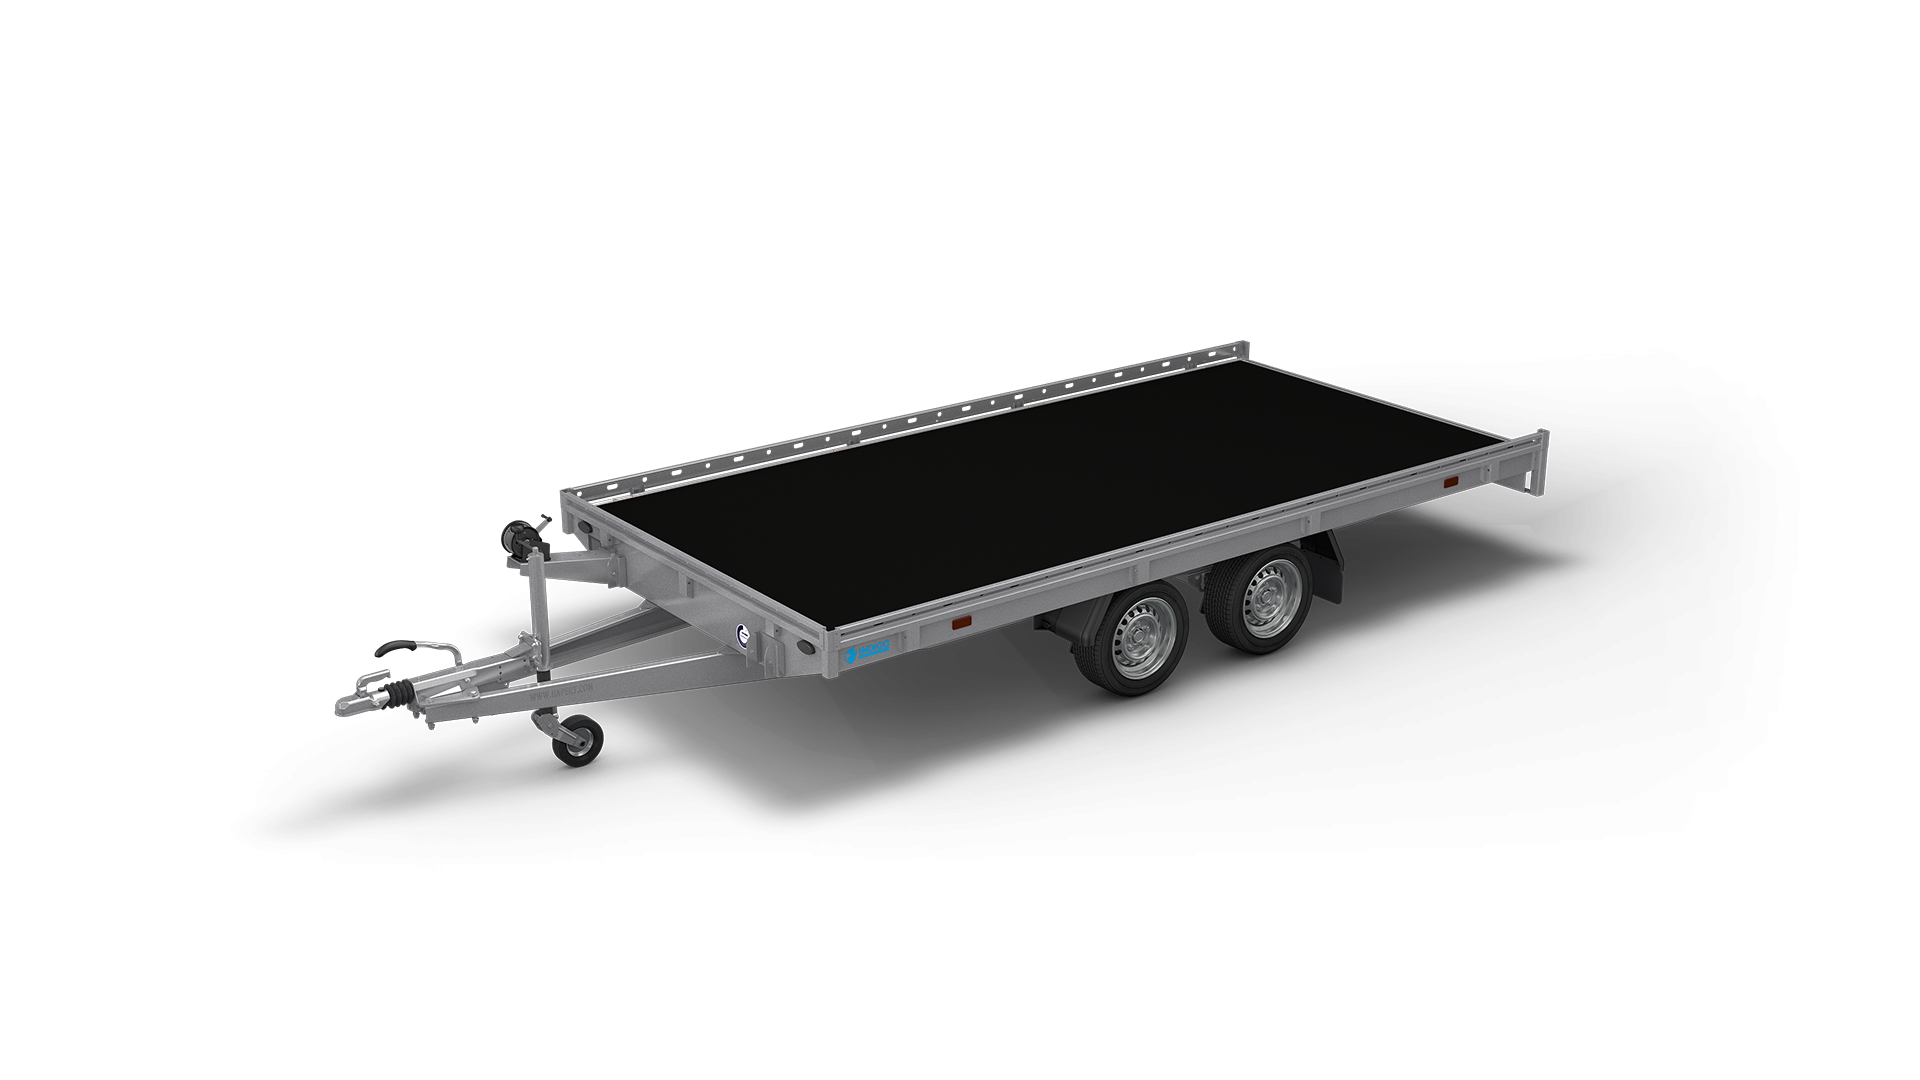 HAPERT Transportanhänger INDIGO HF-2 nicht kippbarer Maschinentransporter